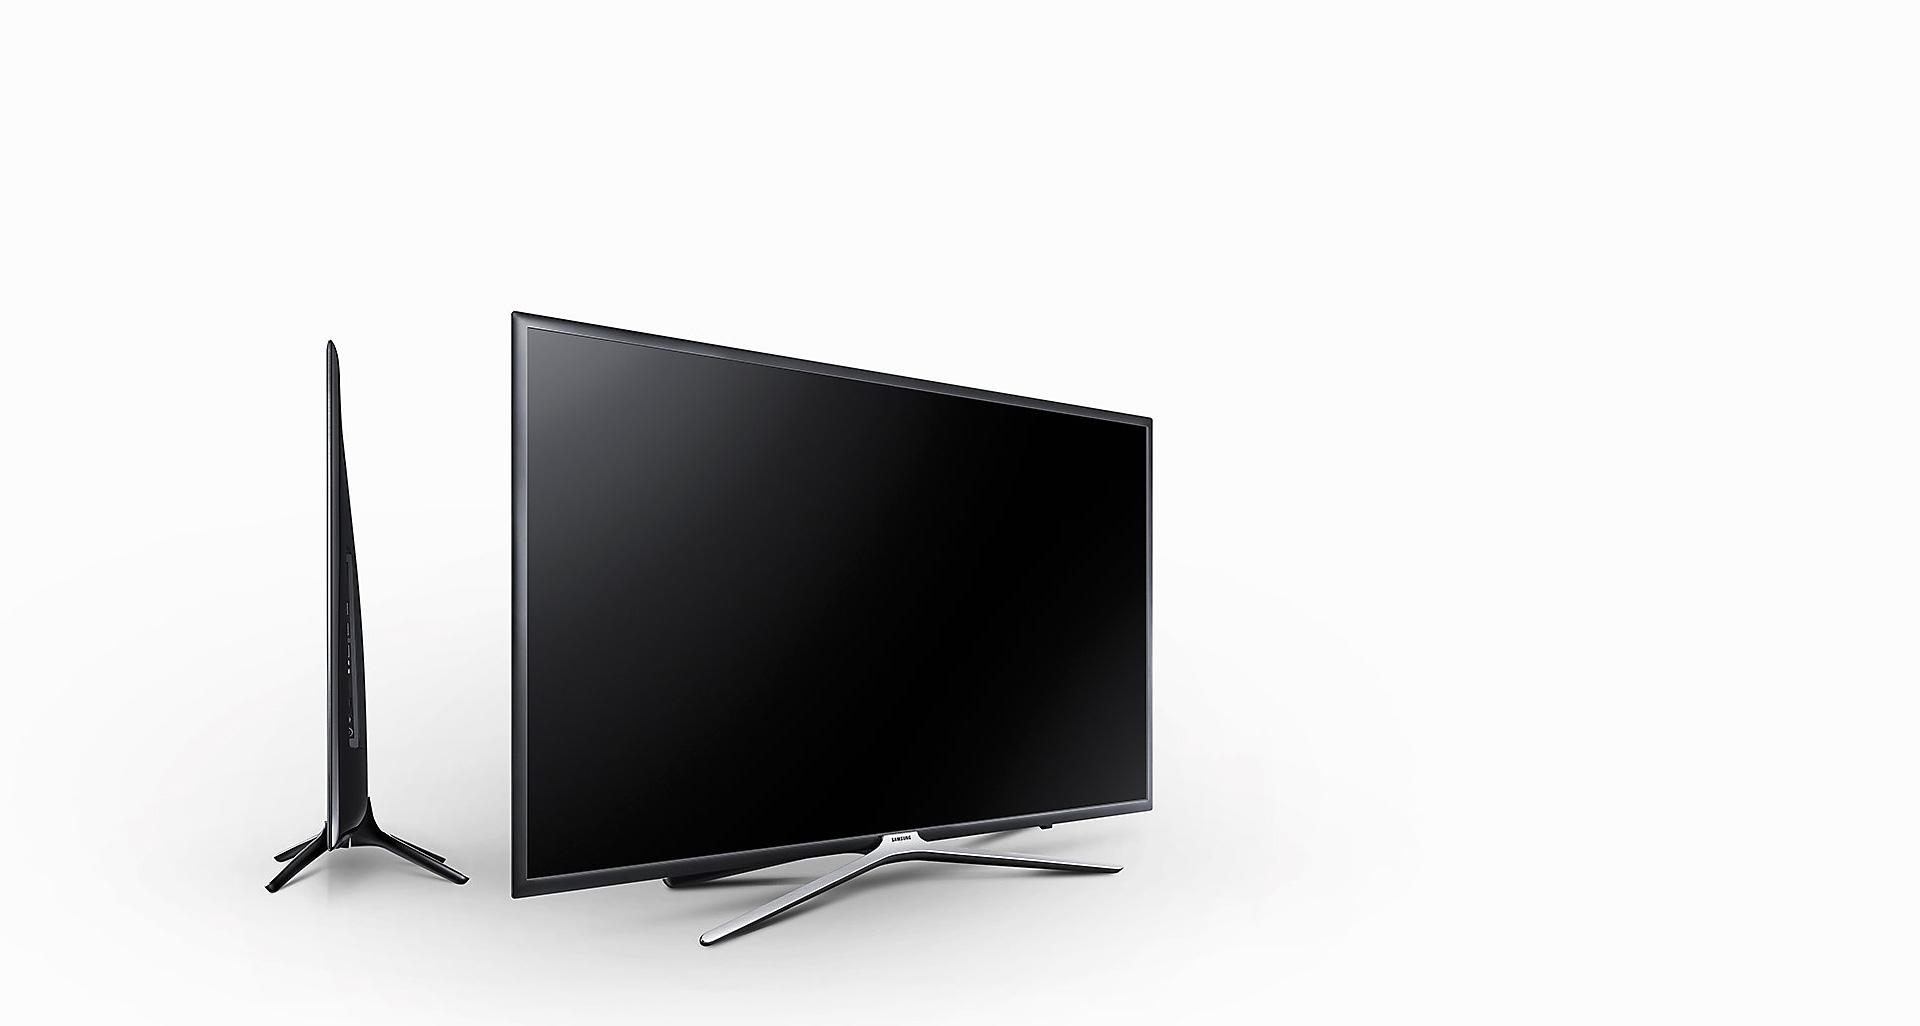 تلویزیون N6900 جلوه ای دیگر از زیبایی